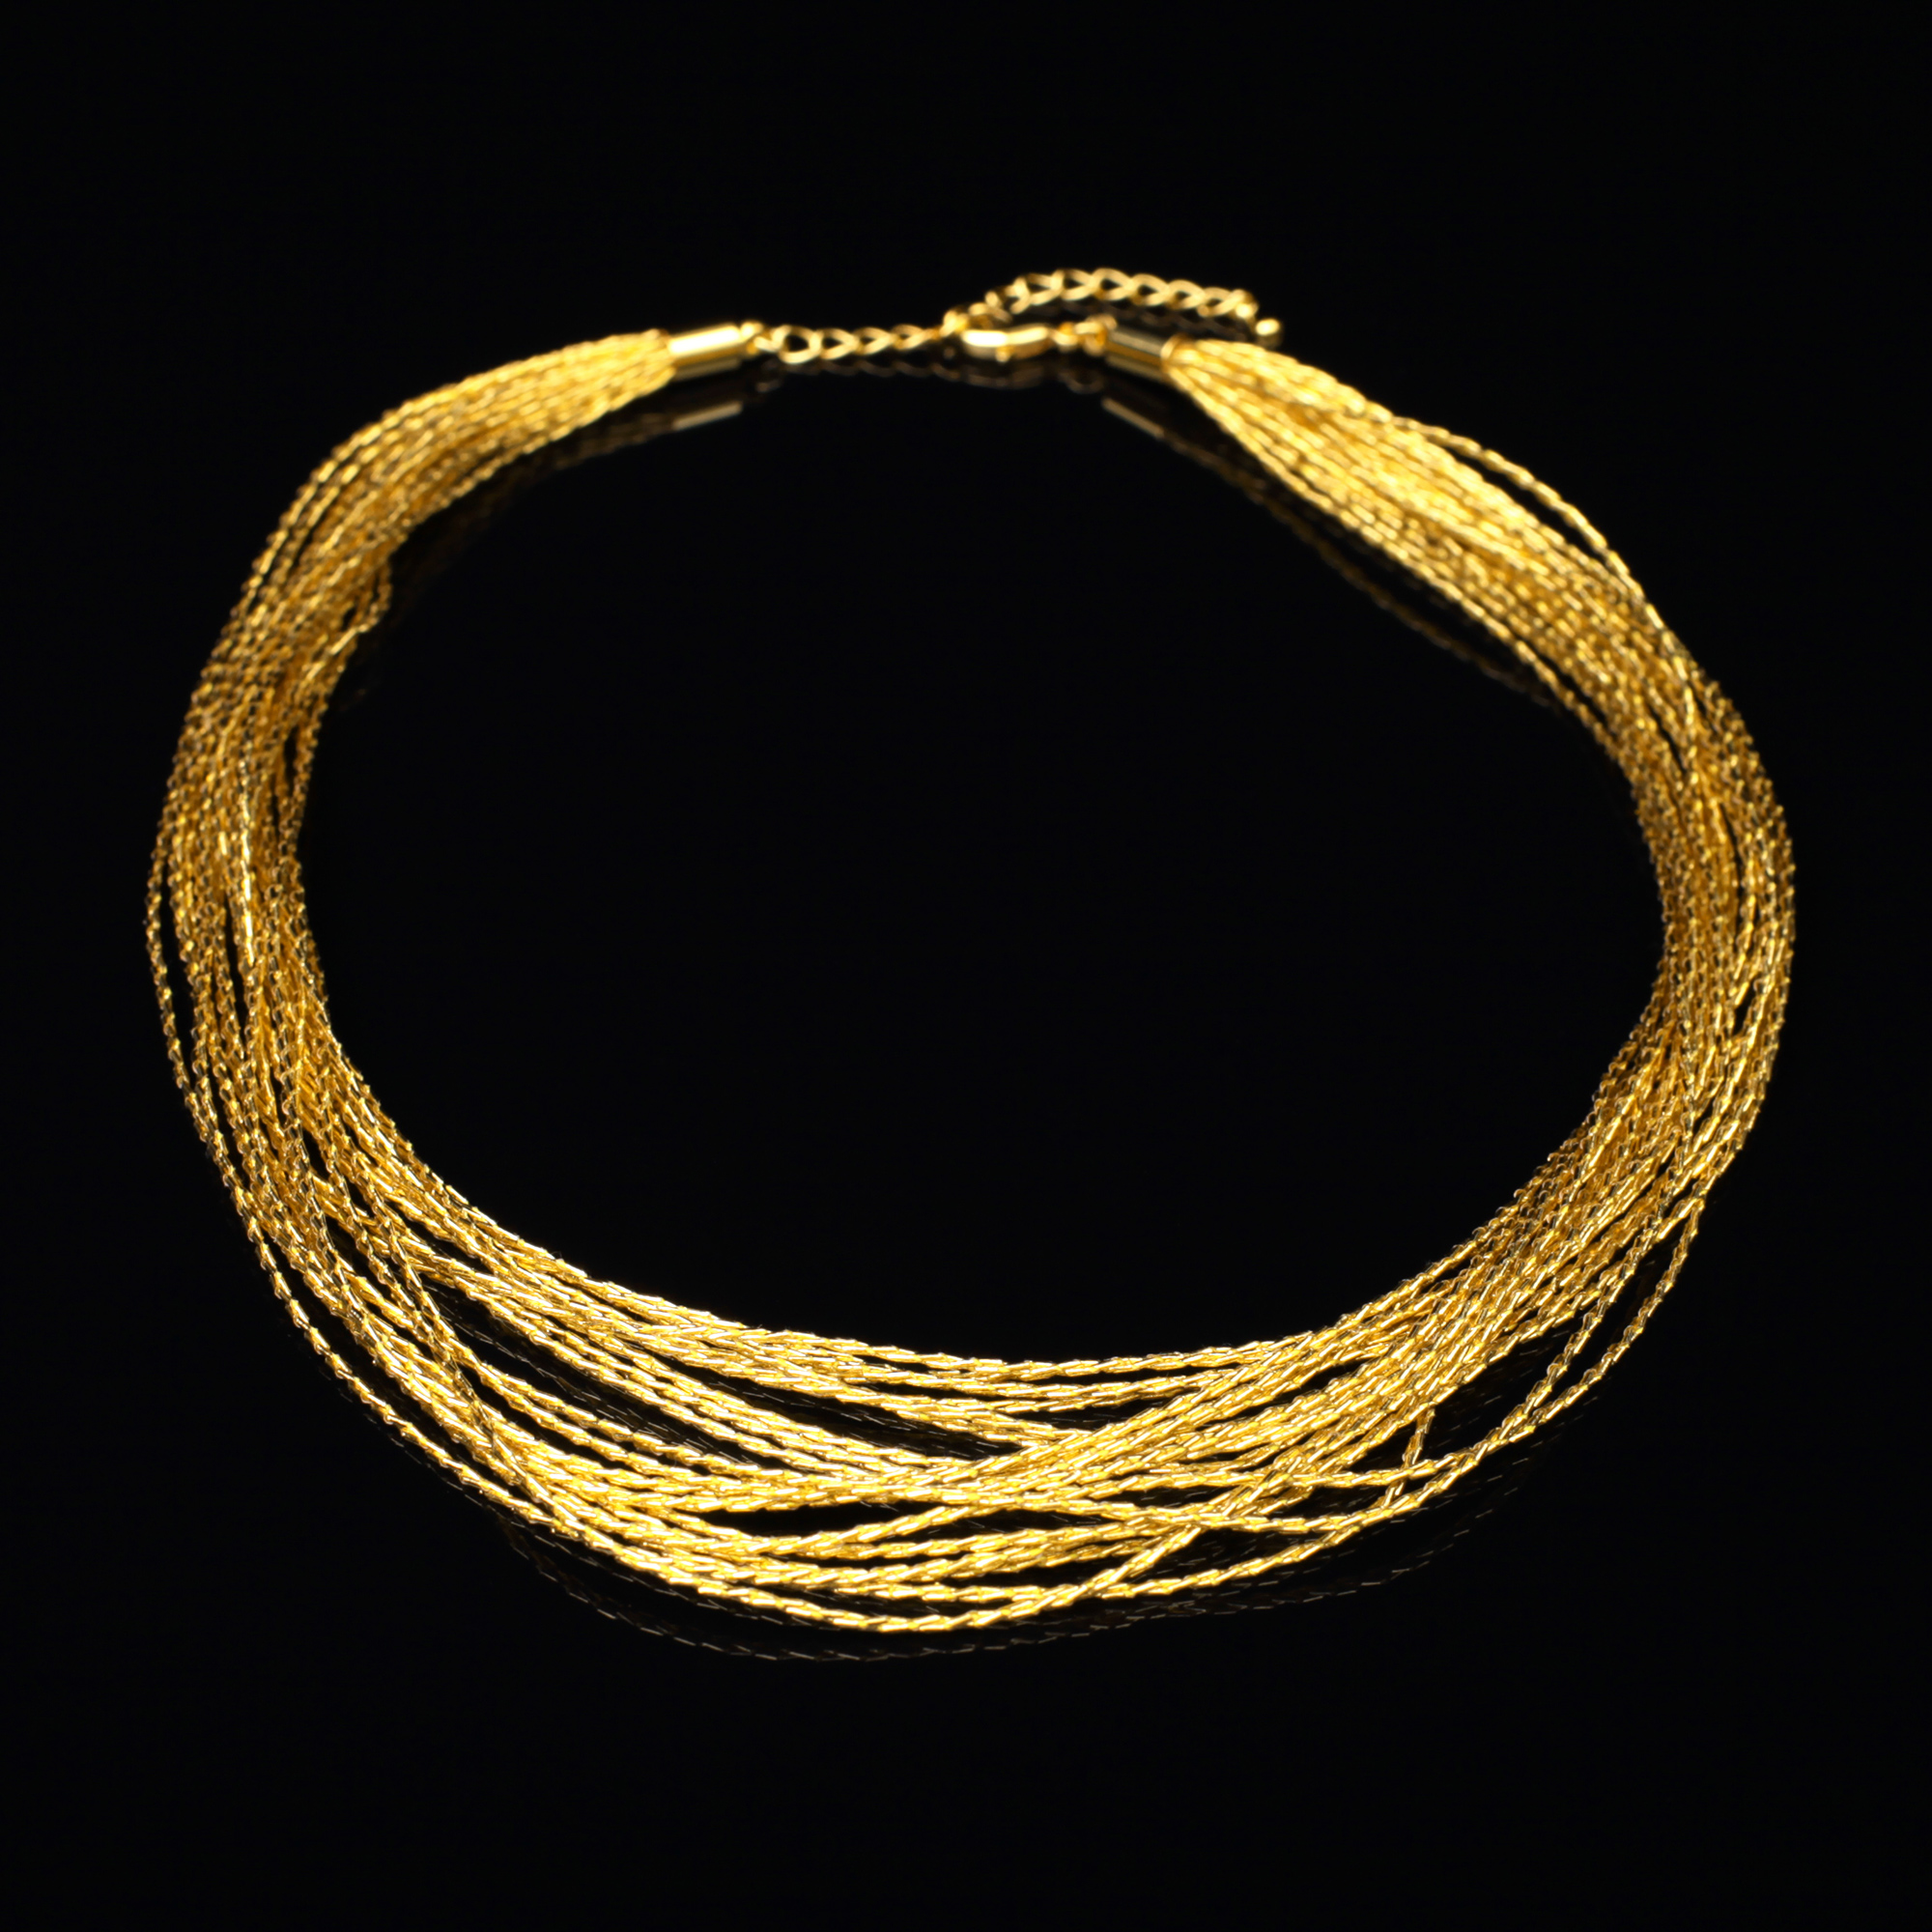 和の彩 金銀糸ネックレス/ペンダントの商品写真です。型番:659-083 画像その1